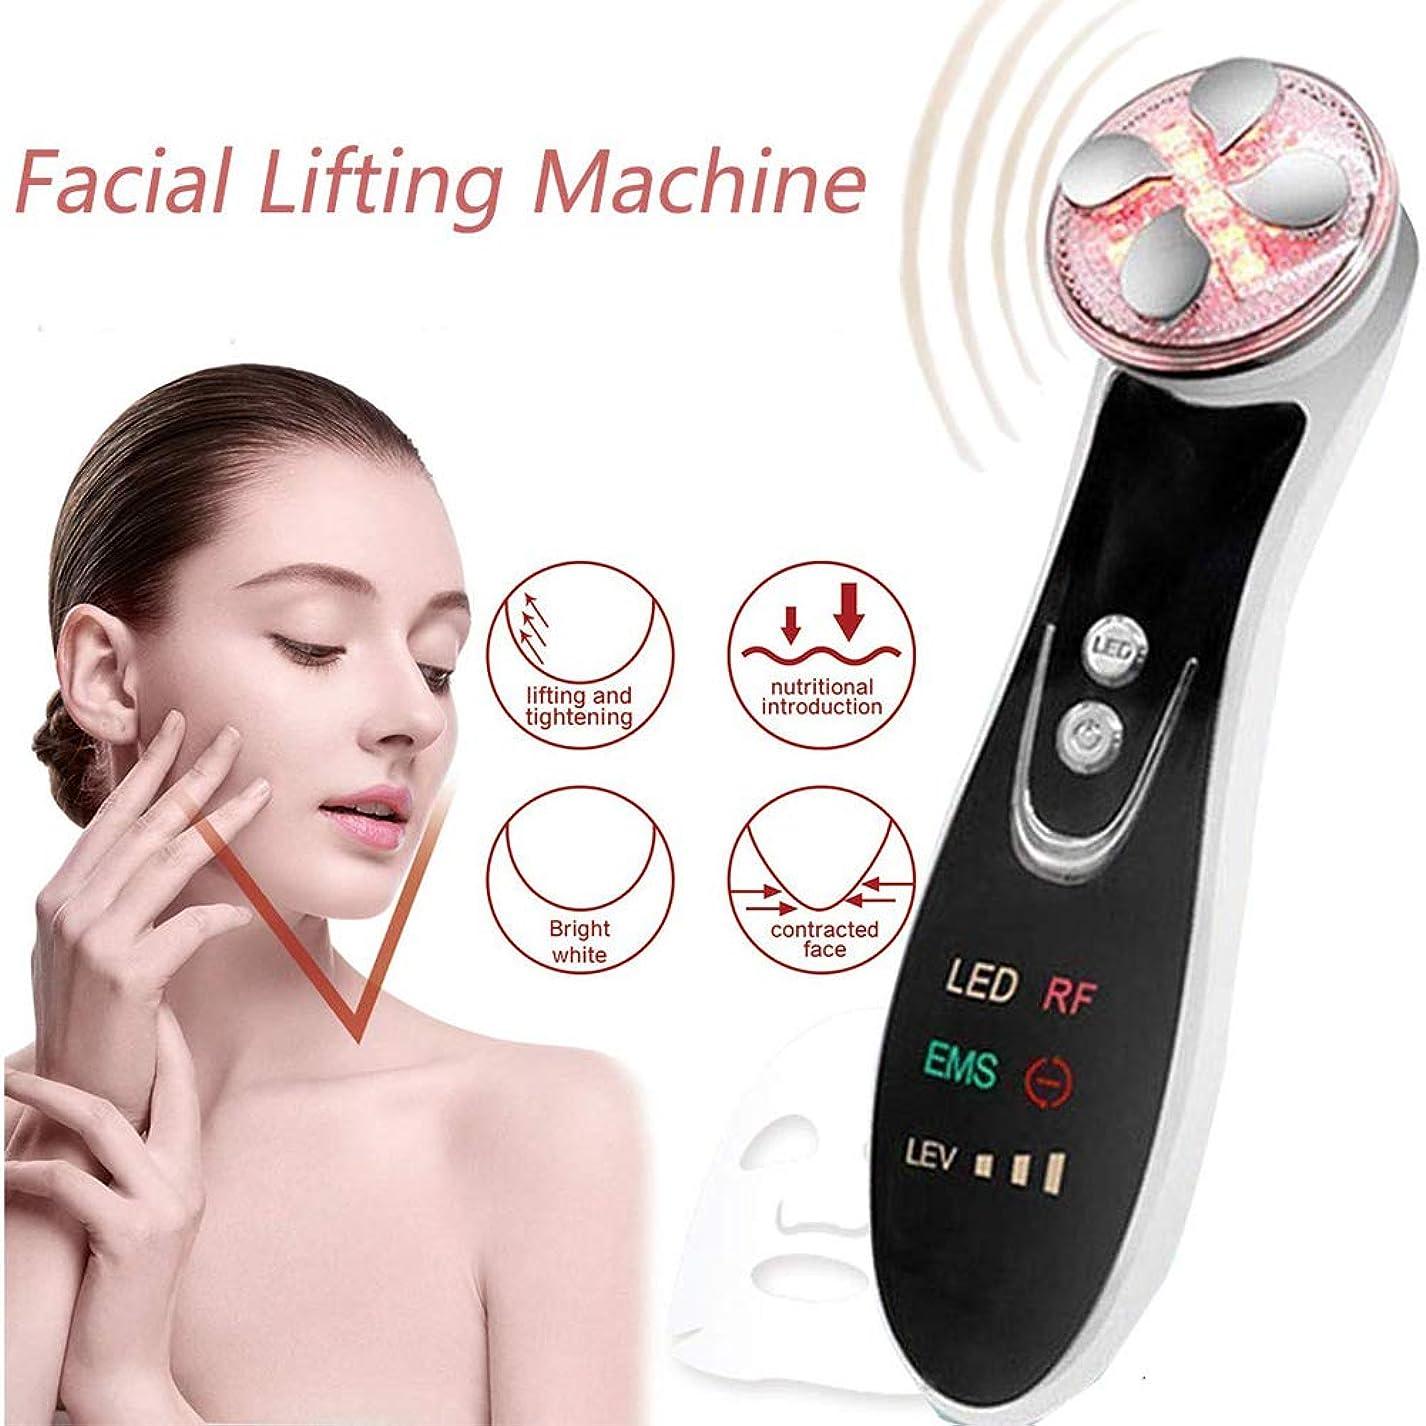 その結果内陸東部機械をきつく締める皮、1つのRF EMS LEDライト療法のしわに付き顔の持ち上がるボディ形削り盤機械6つは反老化のアクネの美装置を取除きます